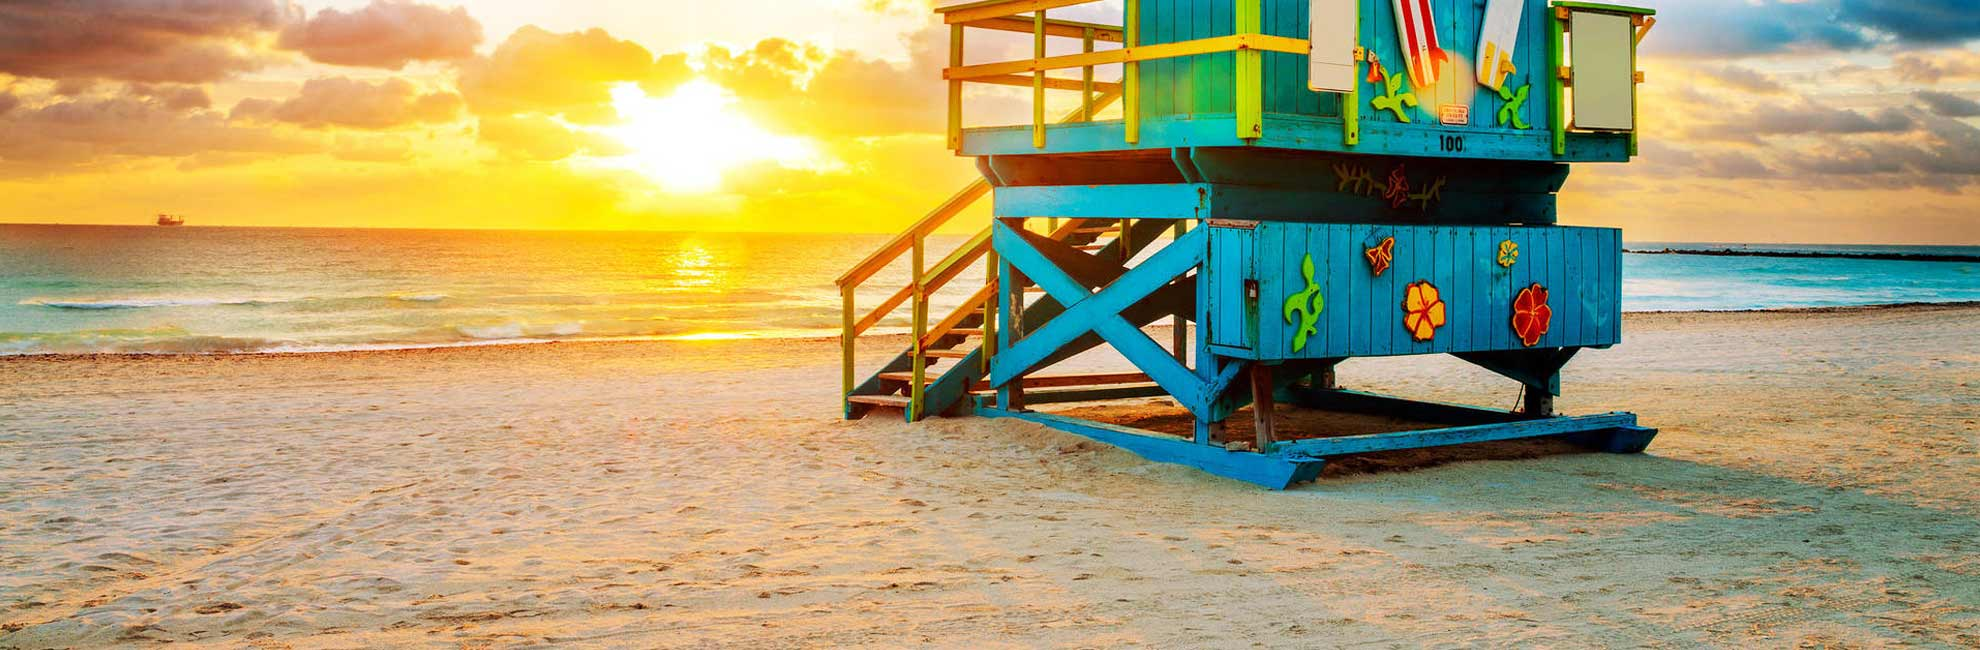 Best beach clubs in Miami 2019 | The Beach Club Guide